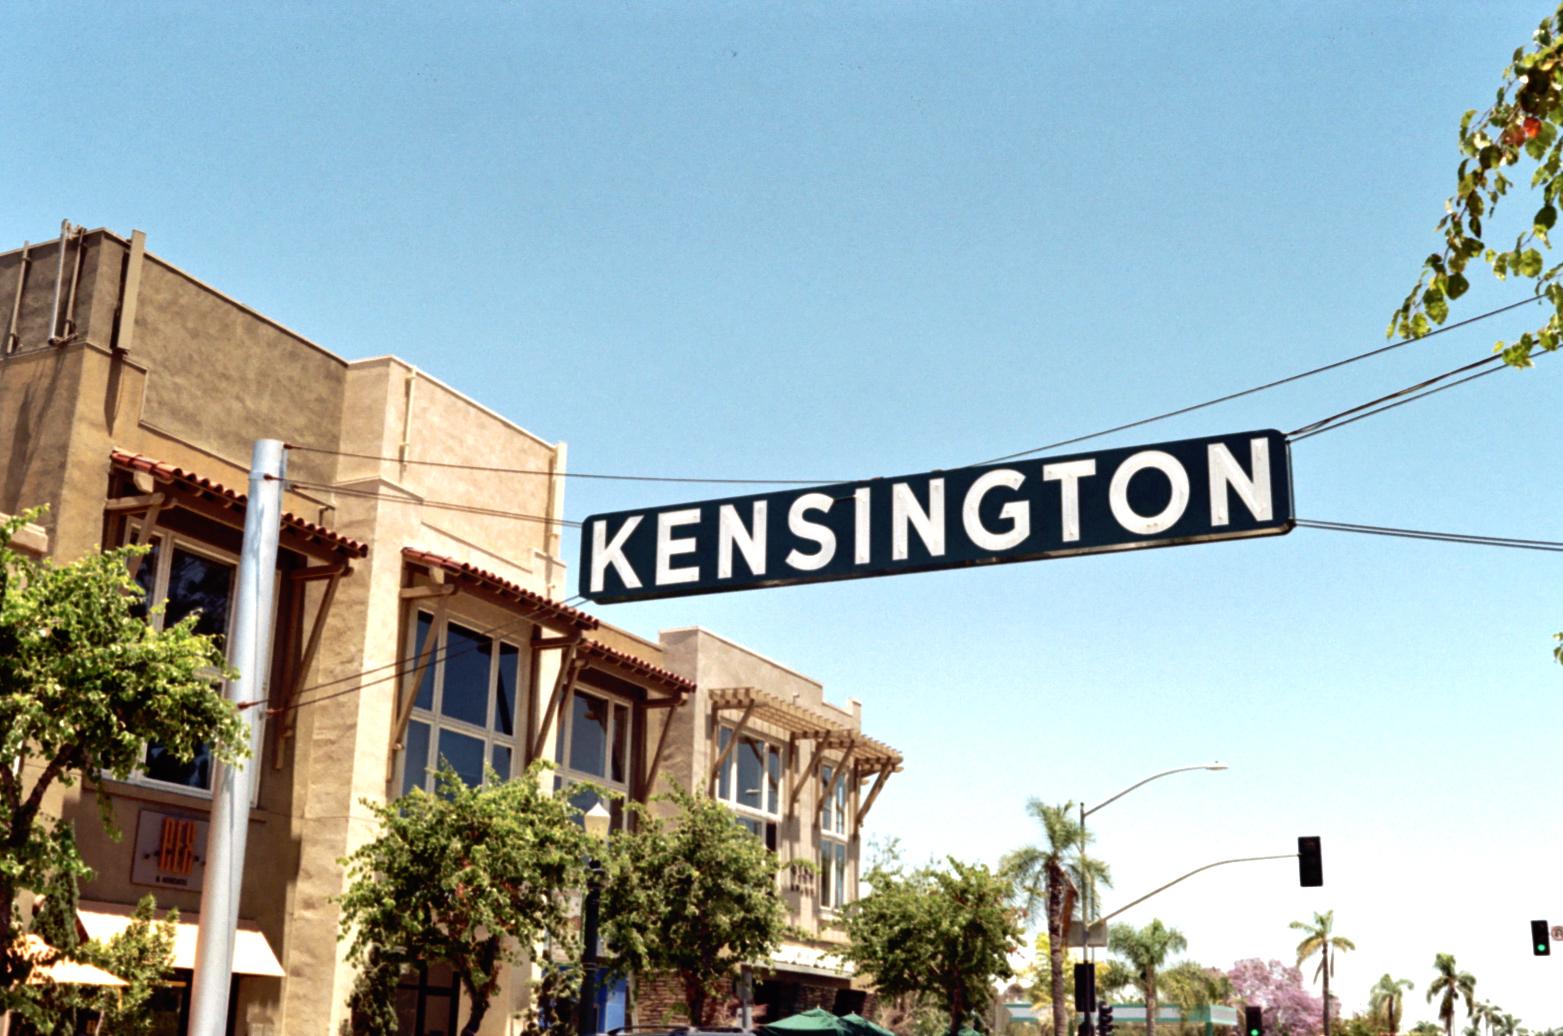 Kensington Real Estate for sale